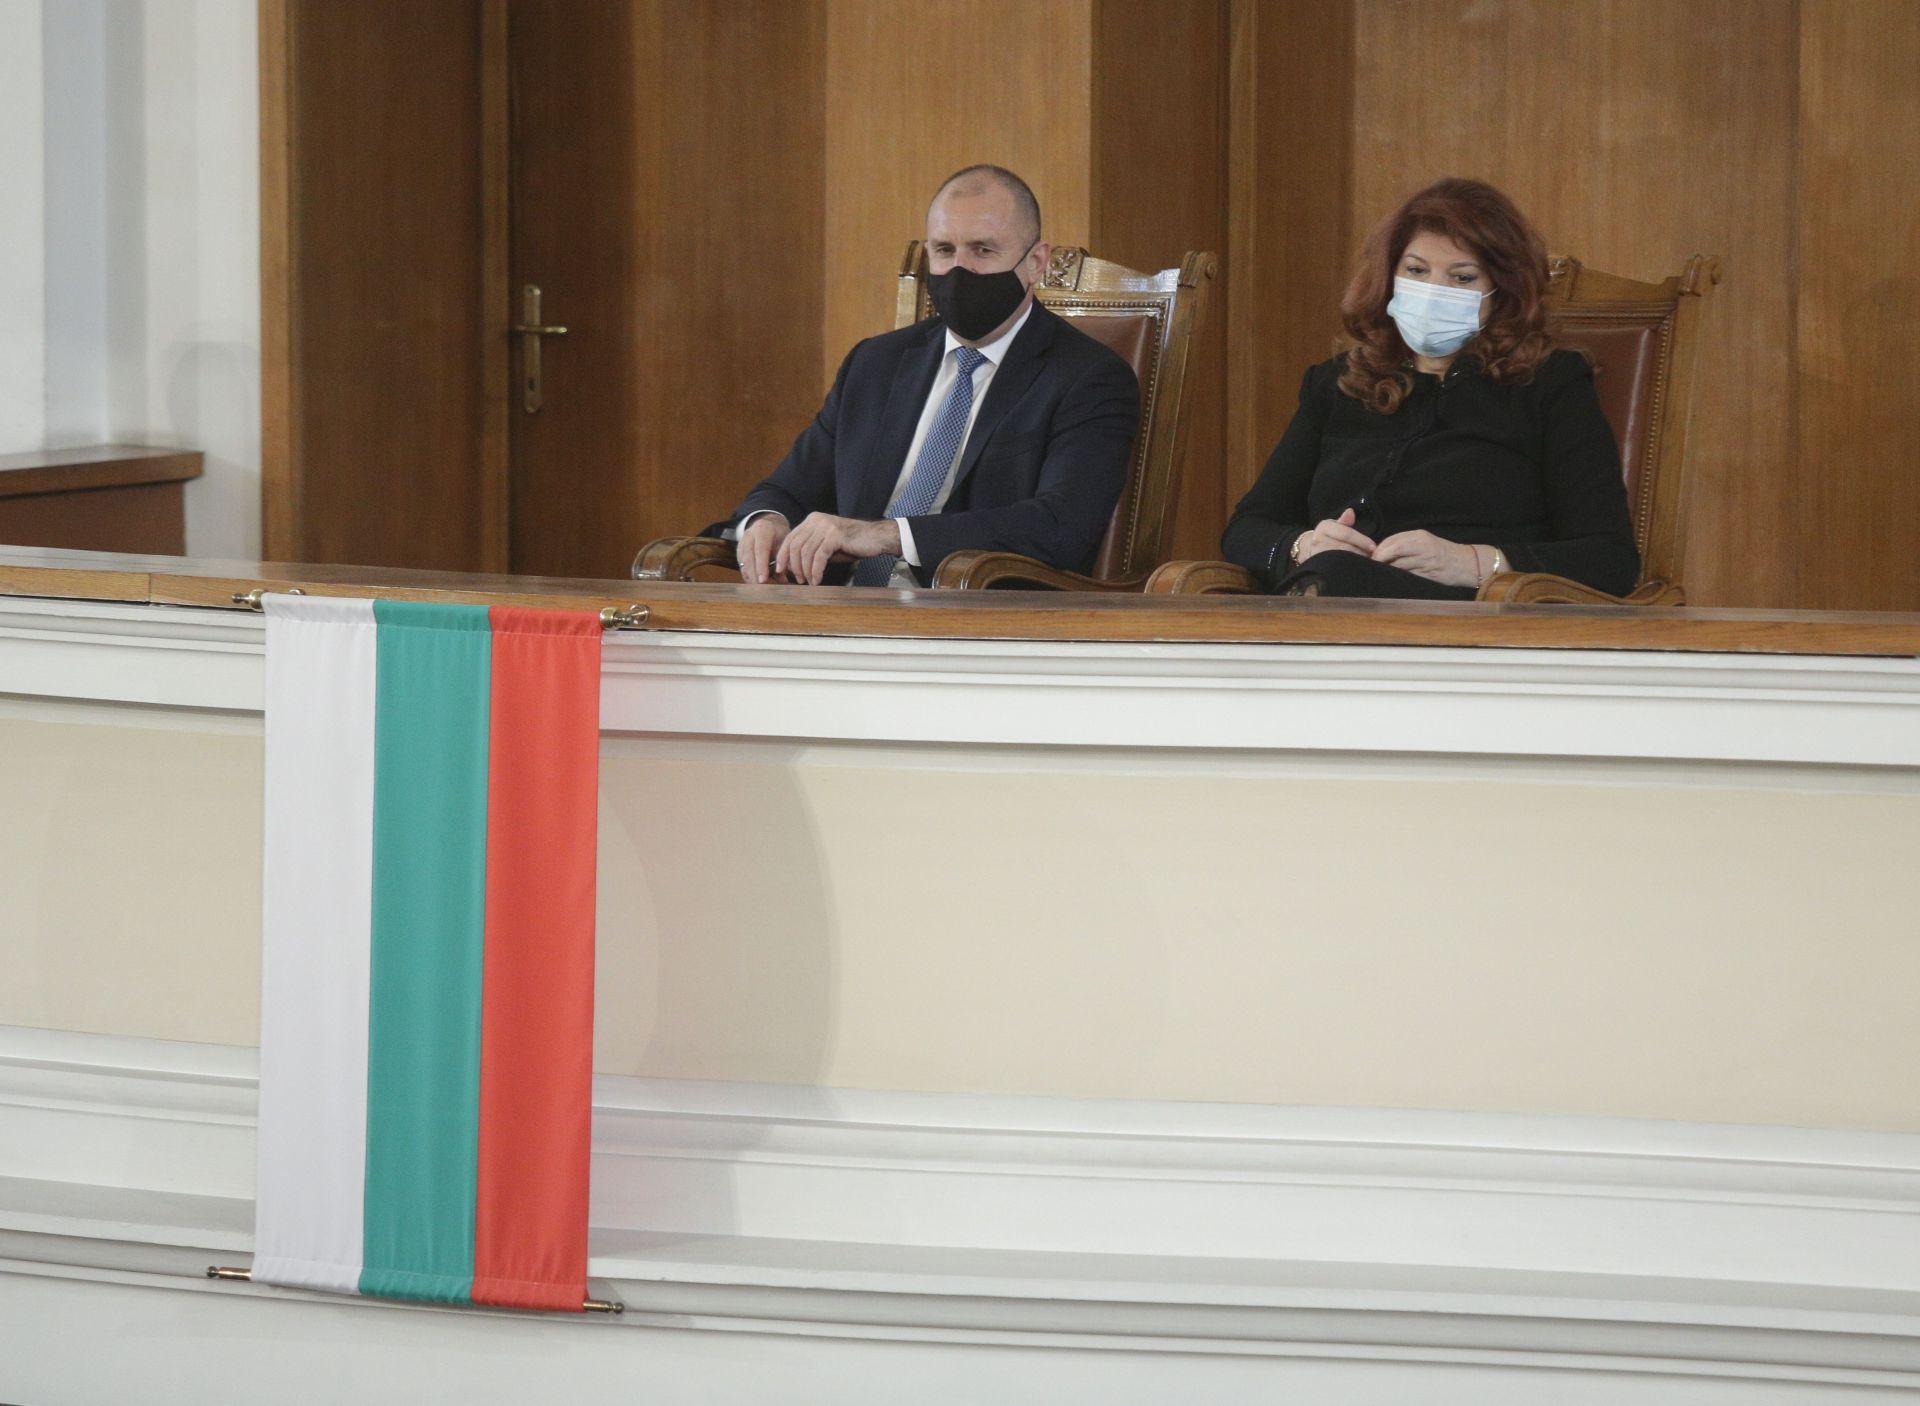 След речта си Румен Радев изслуша декларациите на партиите заедно с вицепрезидента Илияна Йотова